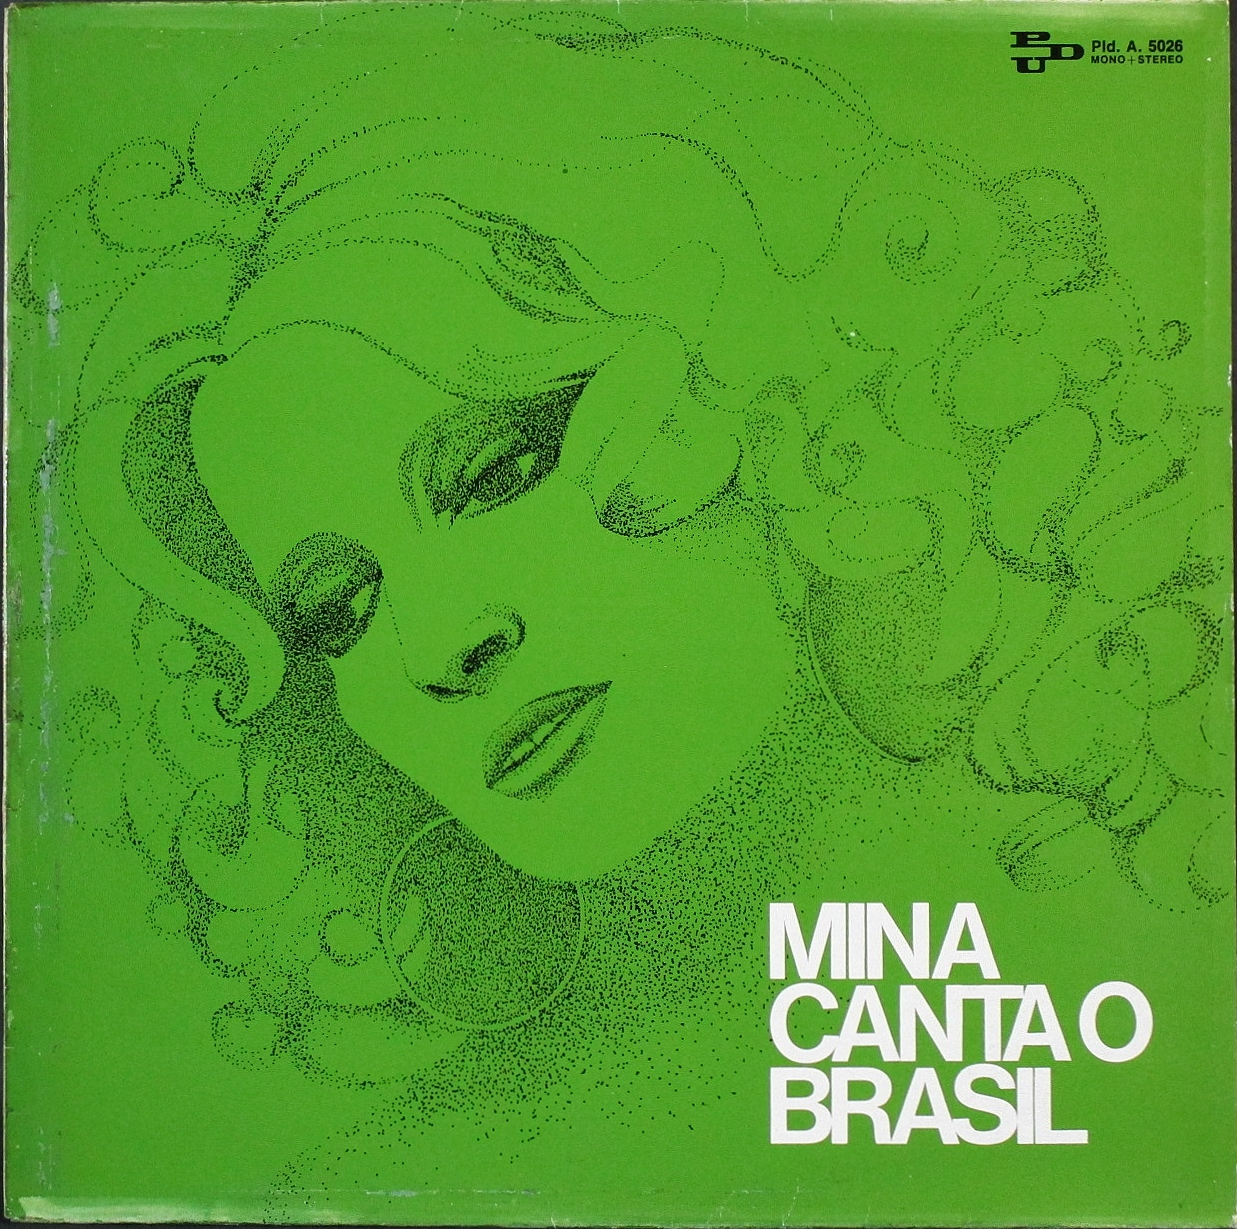 Mina ミーナ / Mina Canta O Brasil